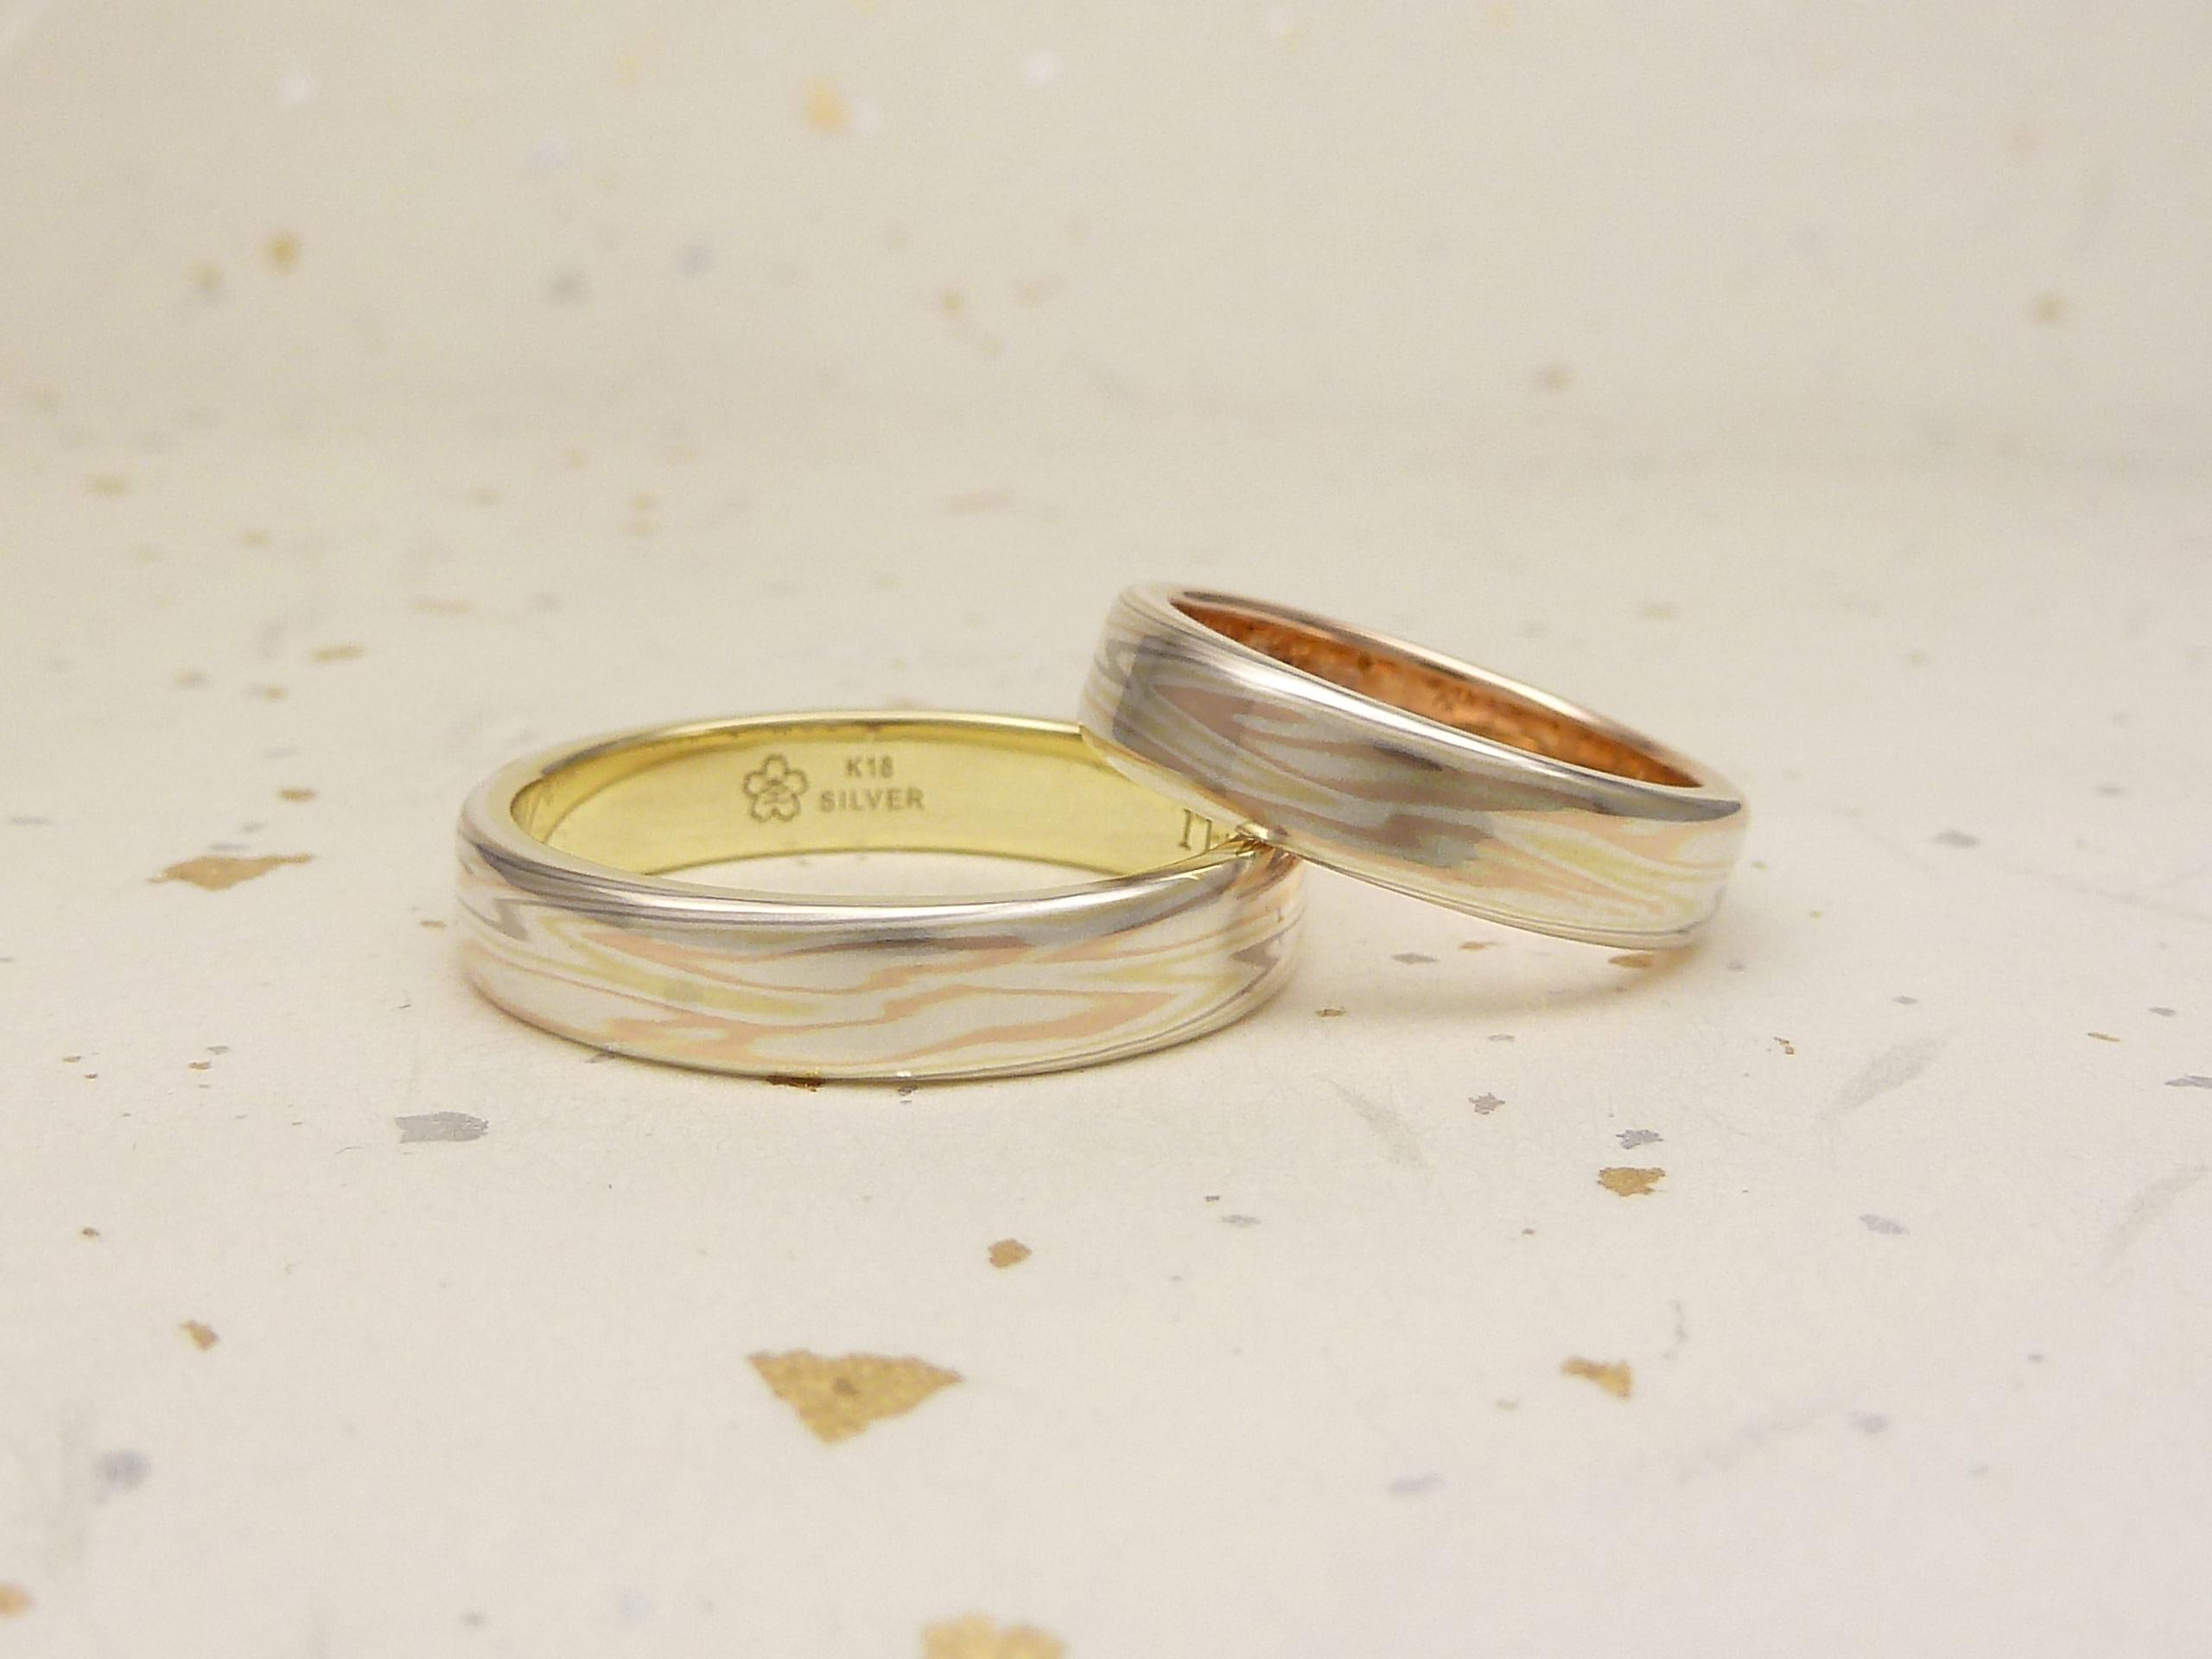 120114木目金の結婚指輪 銀座店002 1.jpg